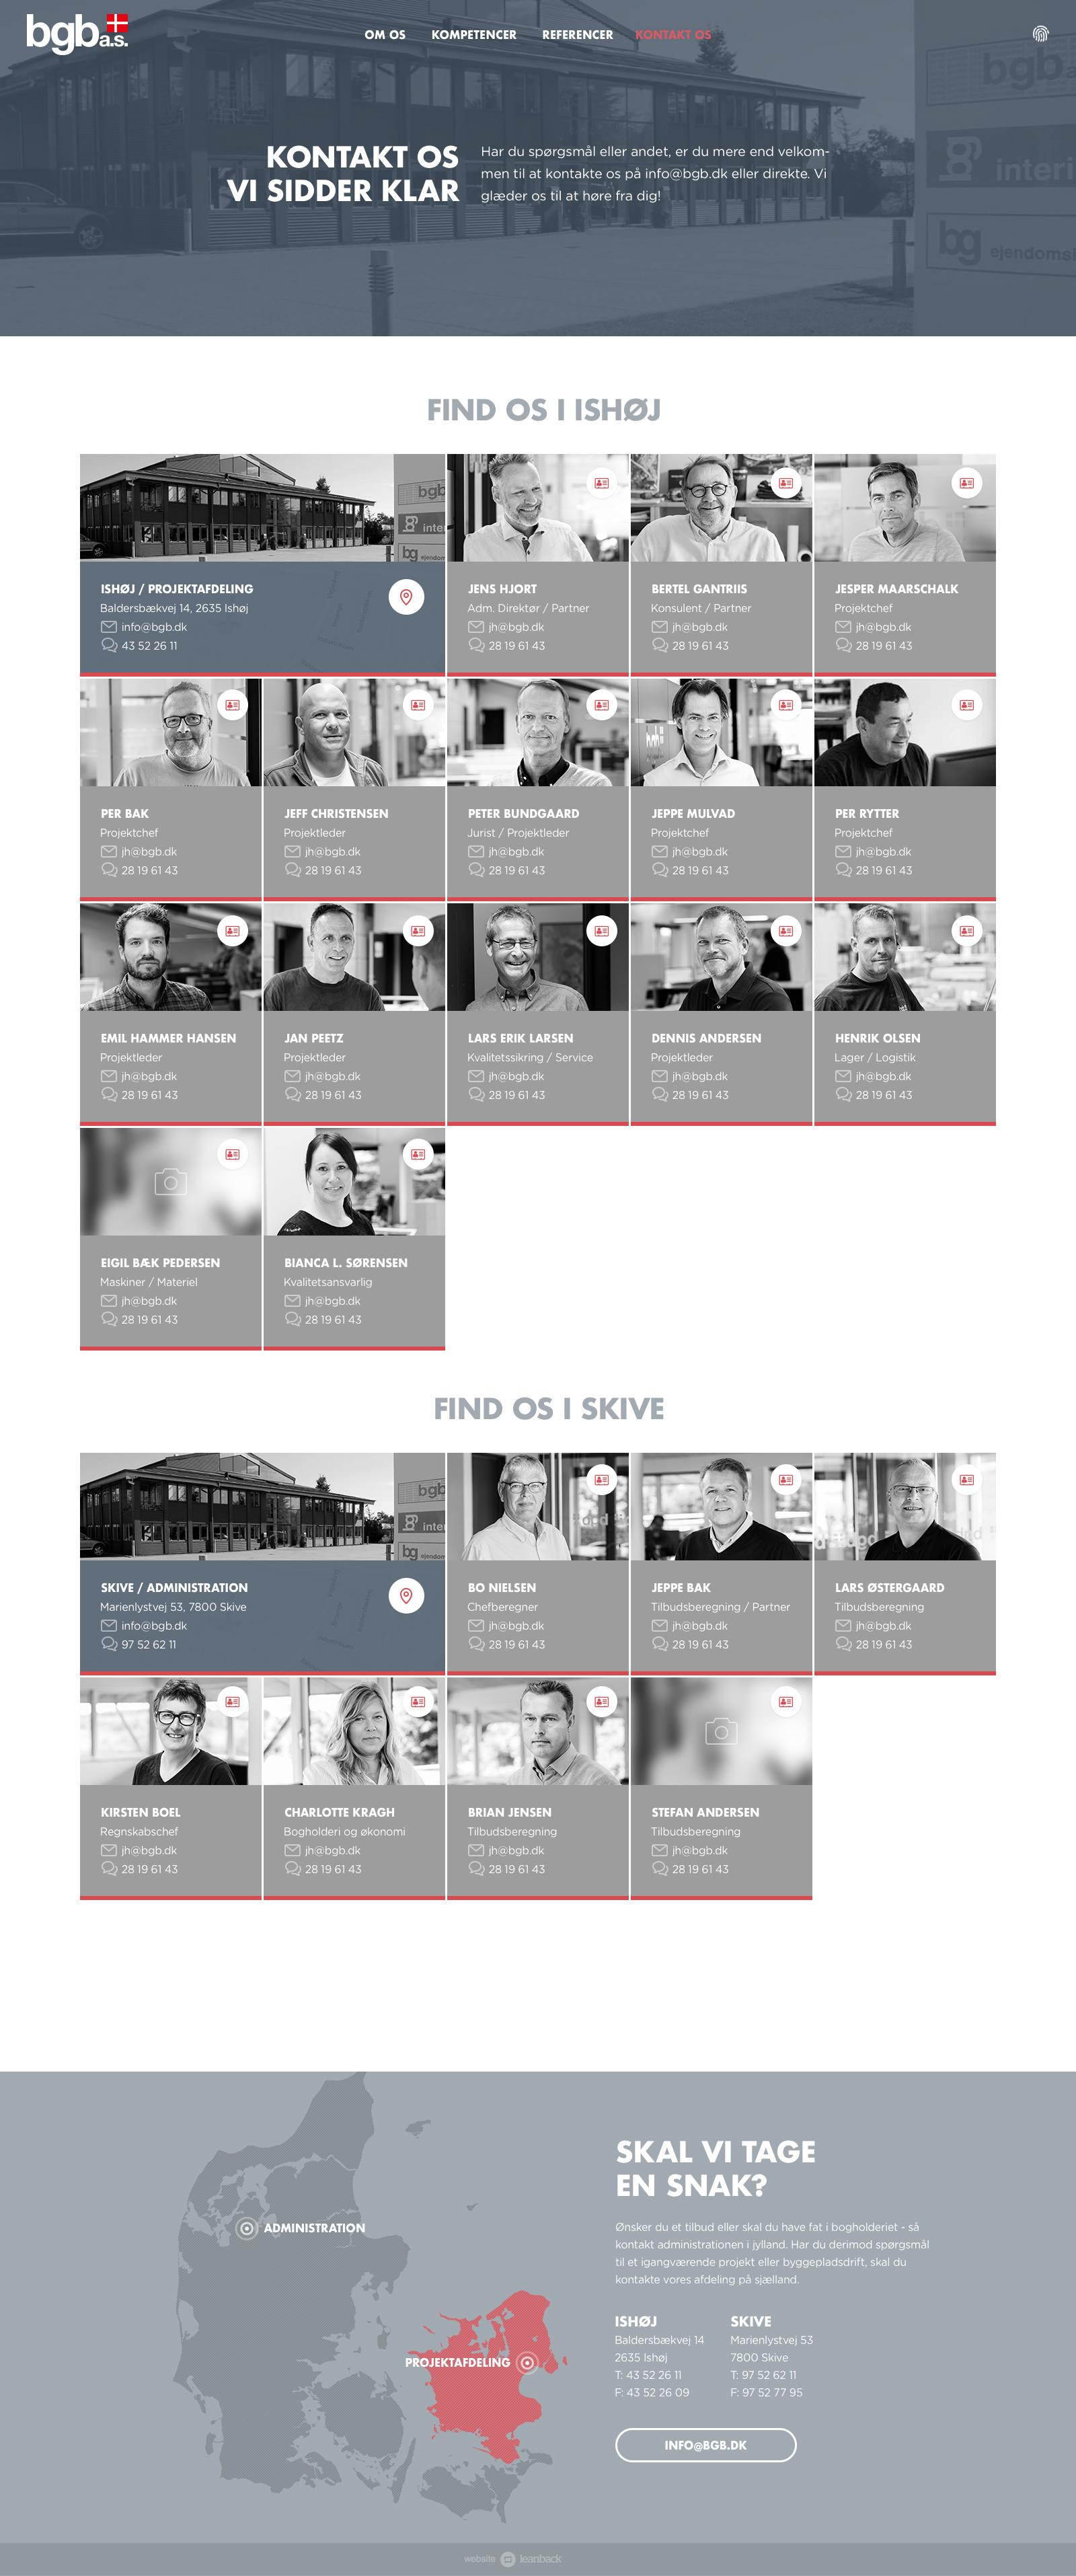 Billede der viser design på kontaktsiden på BGB's nye hjemmeside